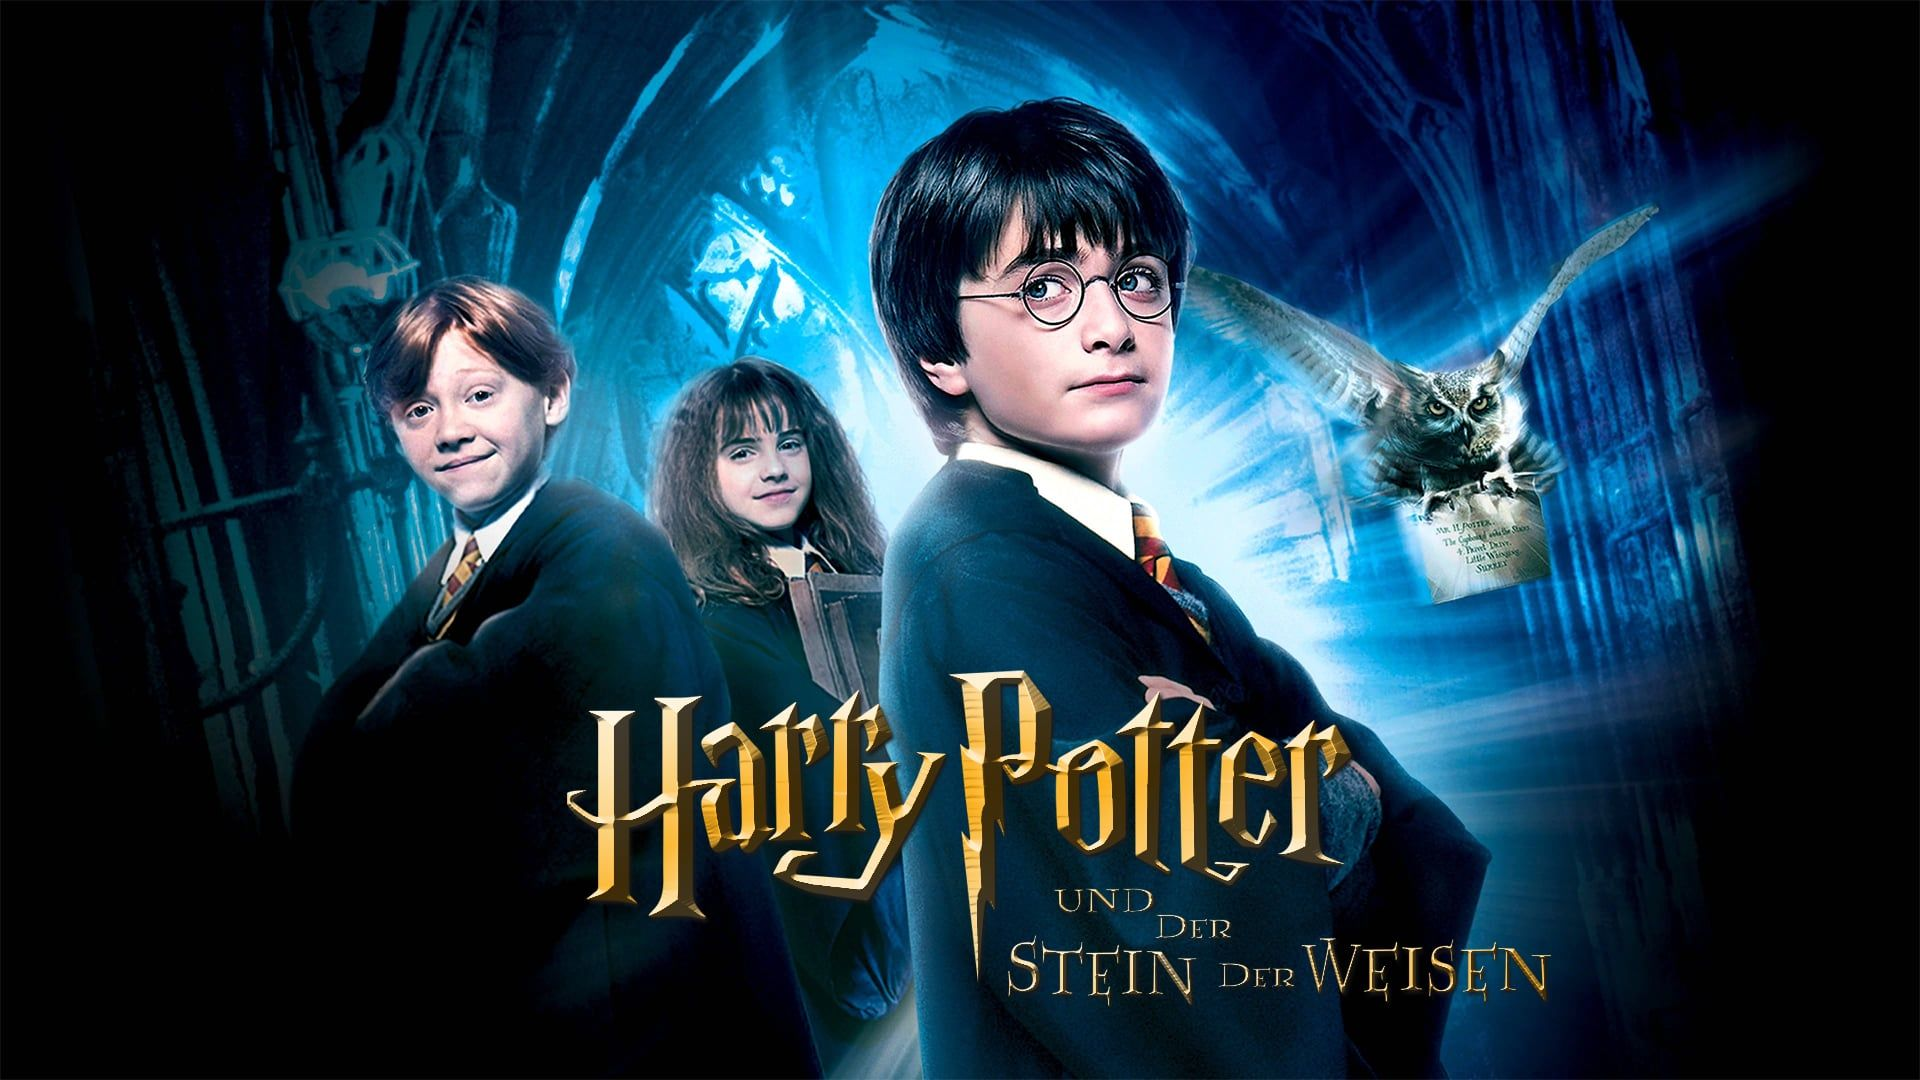 Harry Potter Erfahrt An Seinem 11 Geburtstag Dass Seine Verstorbenen Eltern Machtige Zauberer Waren Un Free Movies Online Full Movies Full Movies Online Free